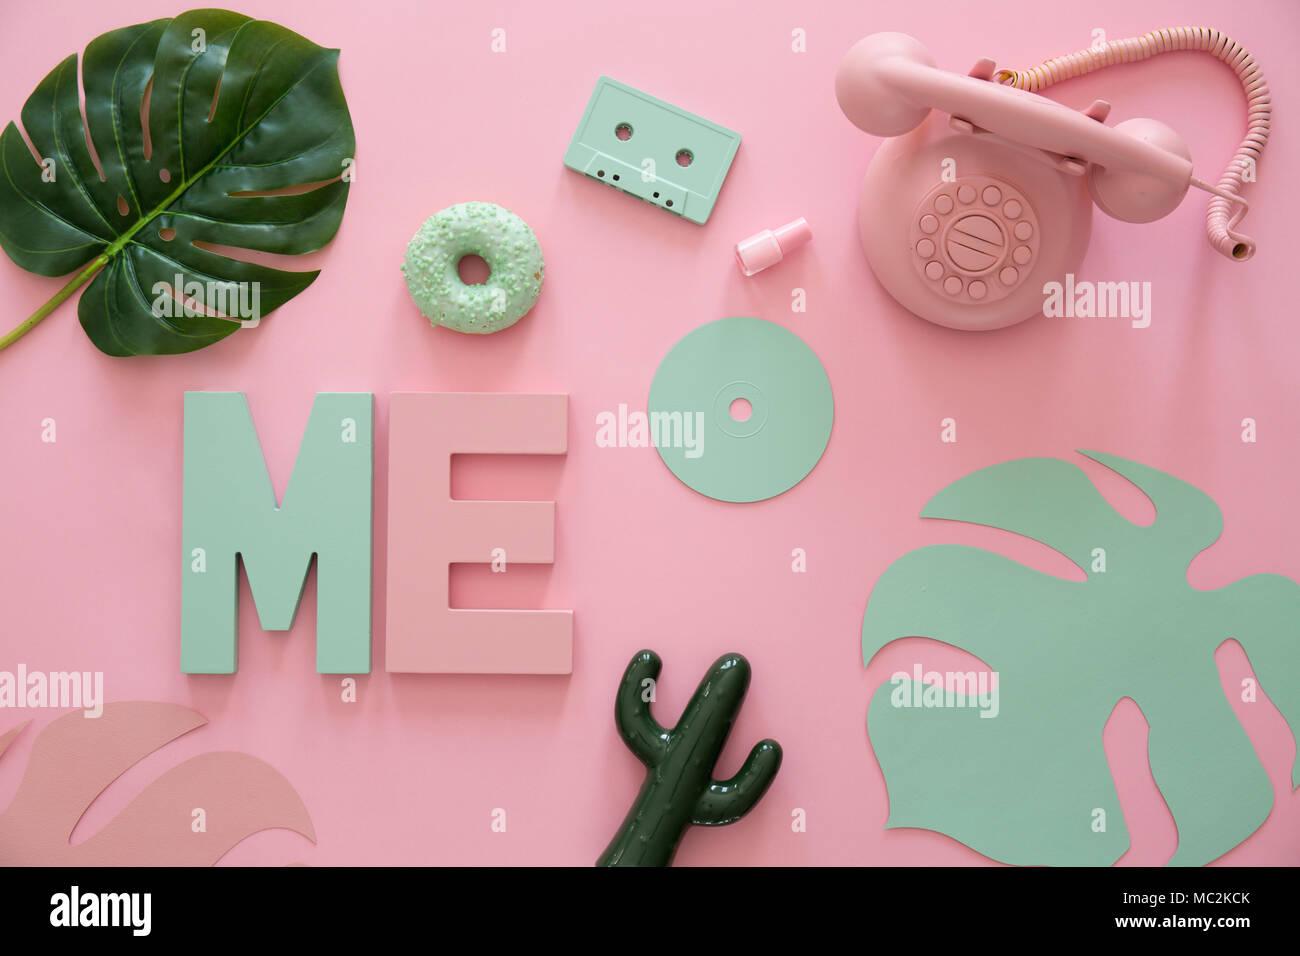 Telefono Rosa Cactus E Foglie Di Colore Giallo Su Sfondo Rosa Con